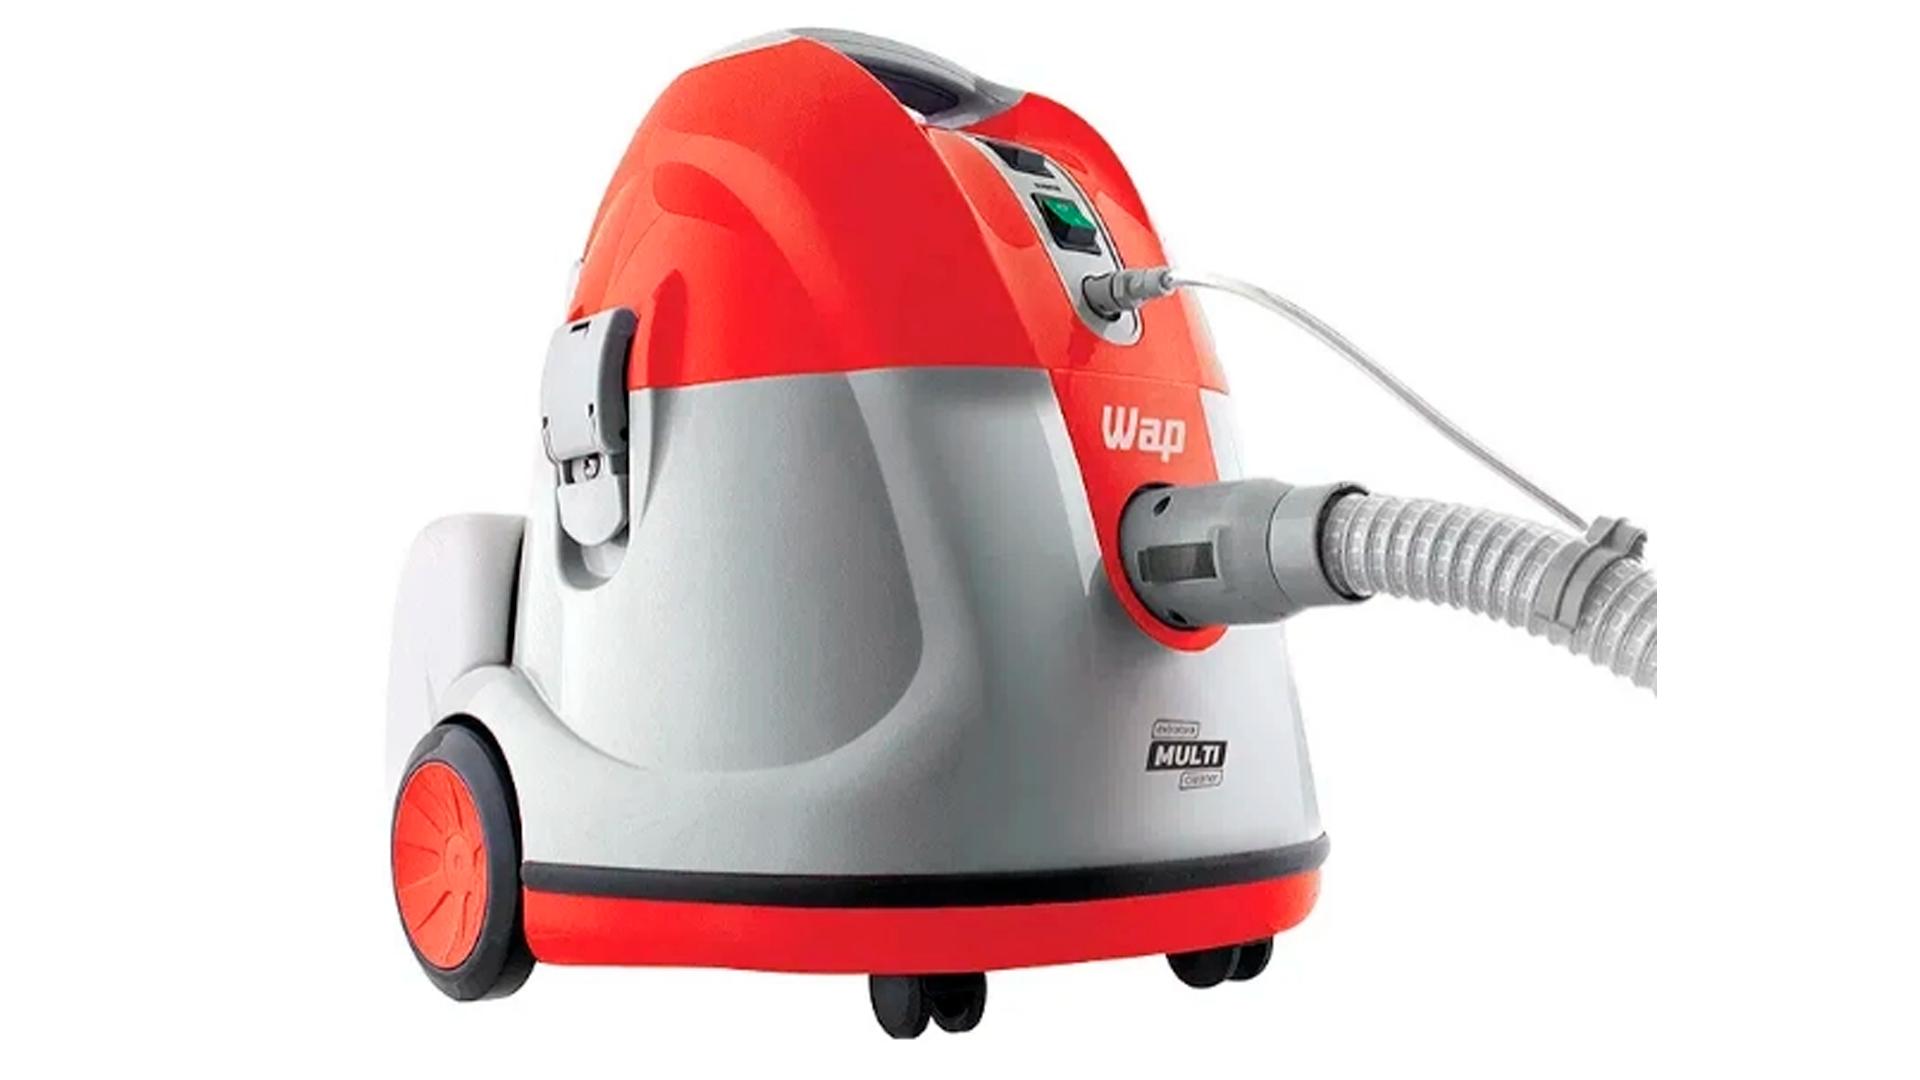 Veja detalhes da Extratora de Sujeira Multi Cleaner Wap 1400W (Foto: Divulgação/WAP)